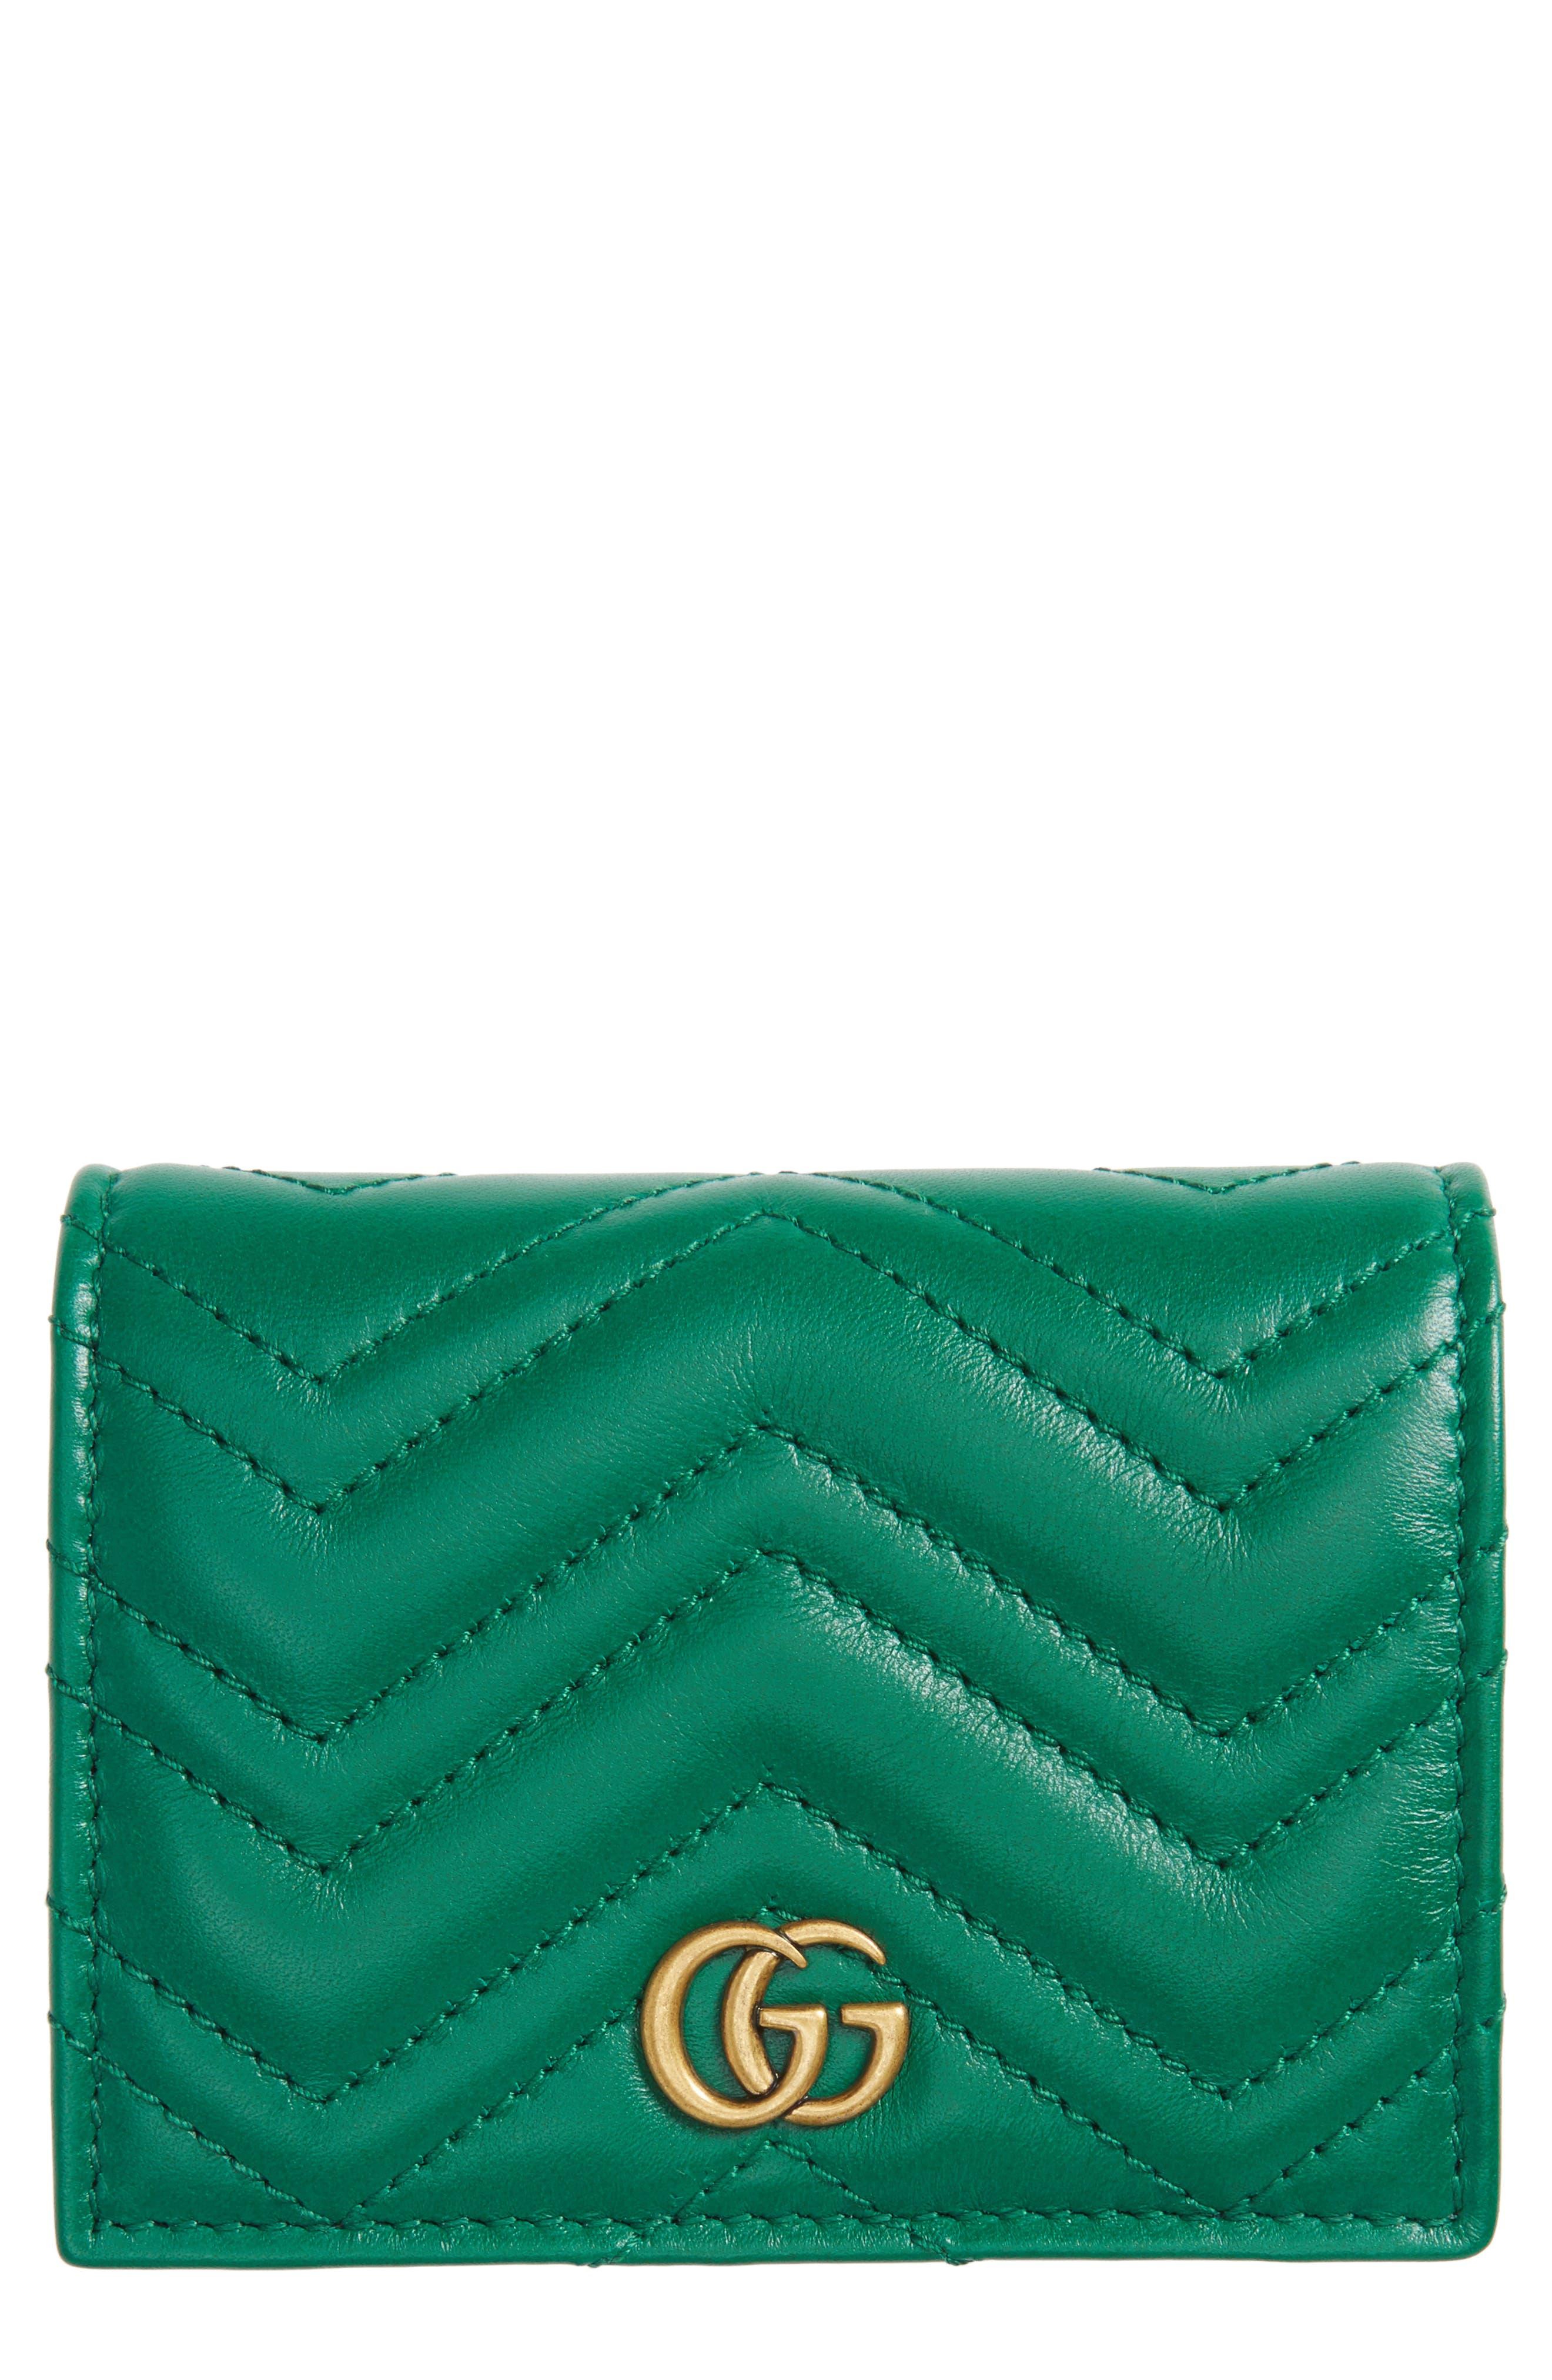 GG Marmont Matelassé Leather Card Case,                             Main thumbnail 1, color,                             302